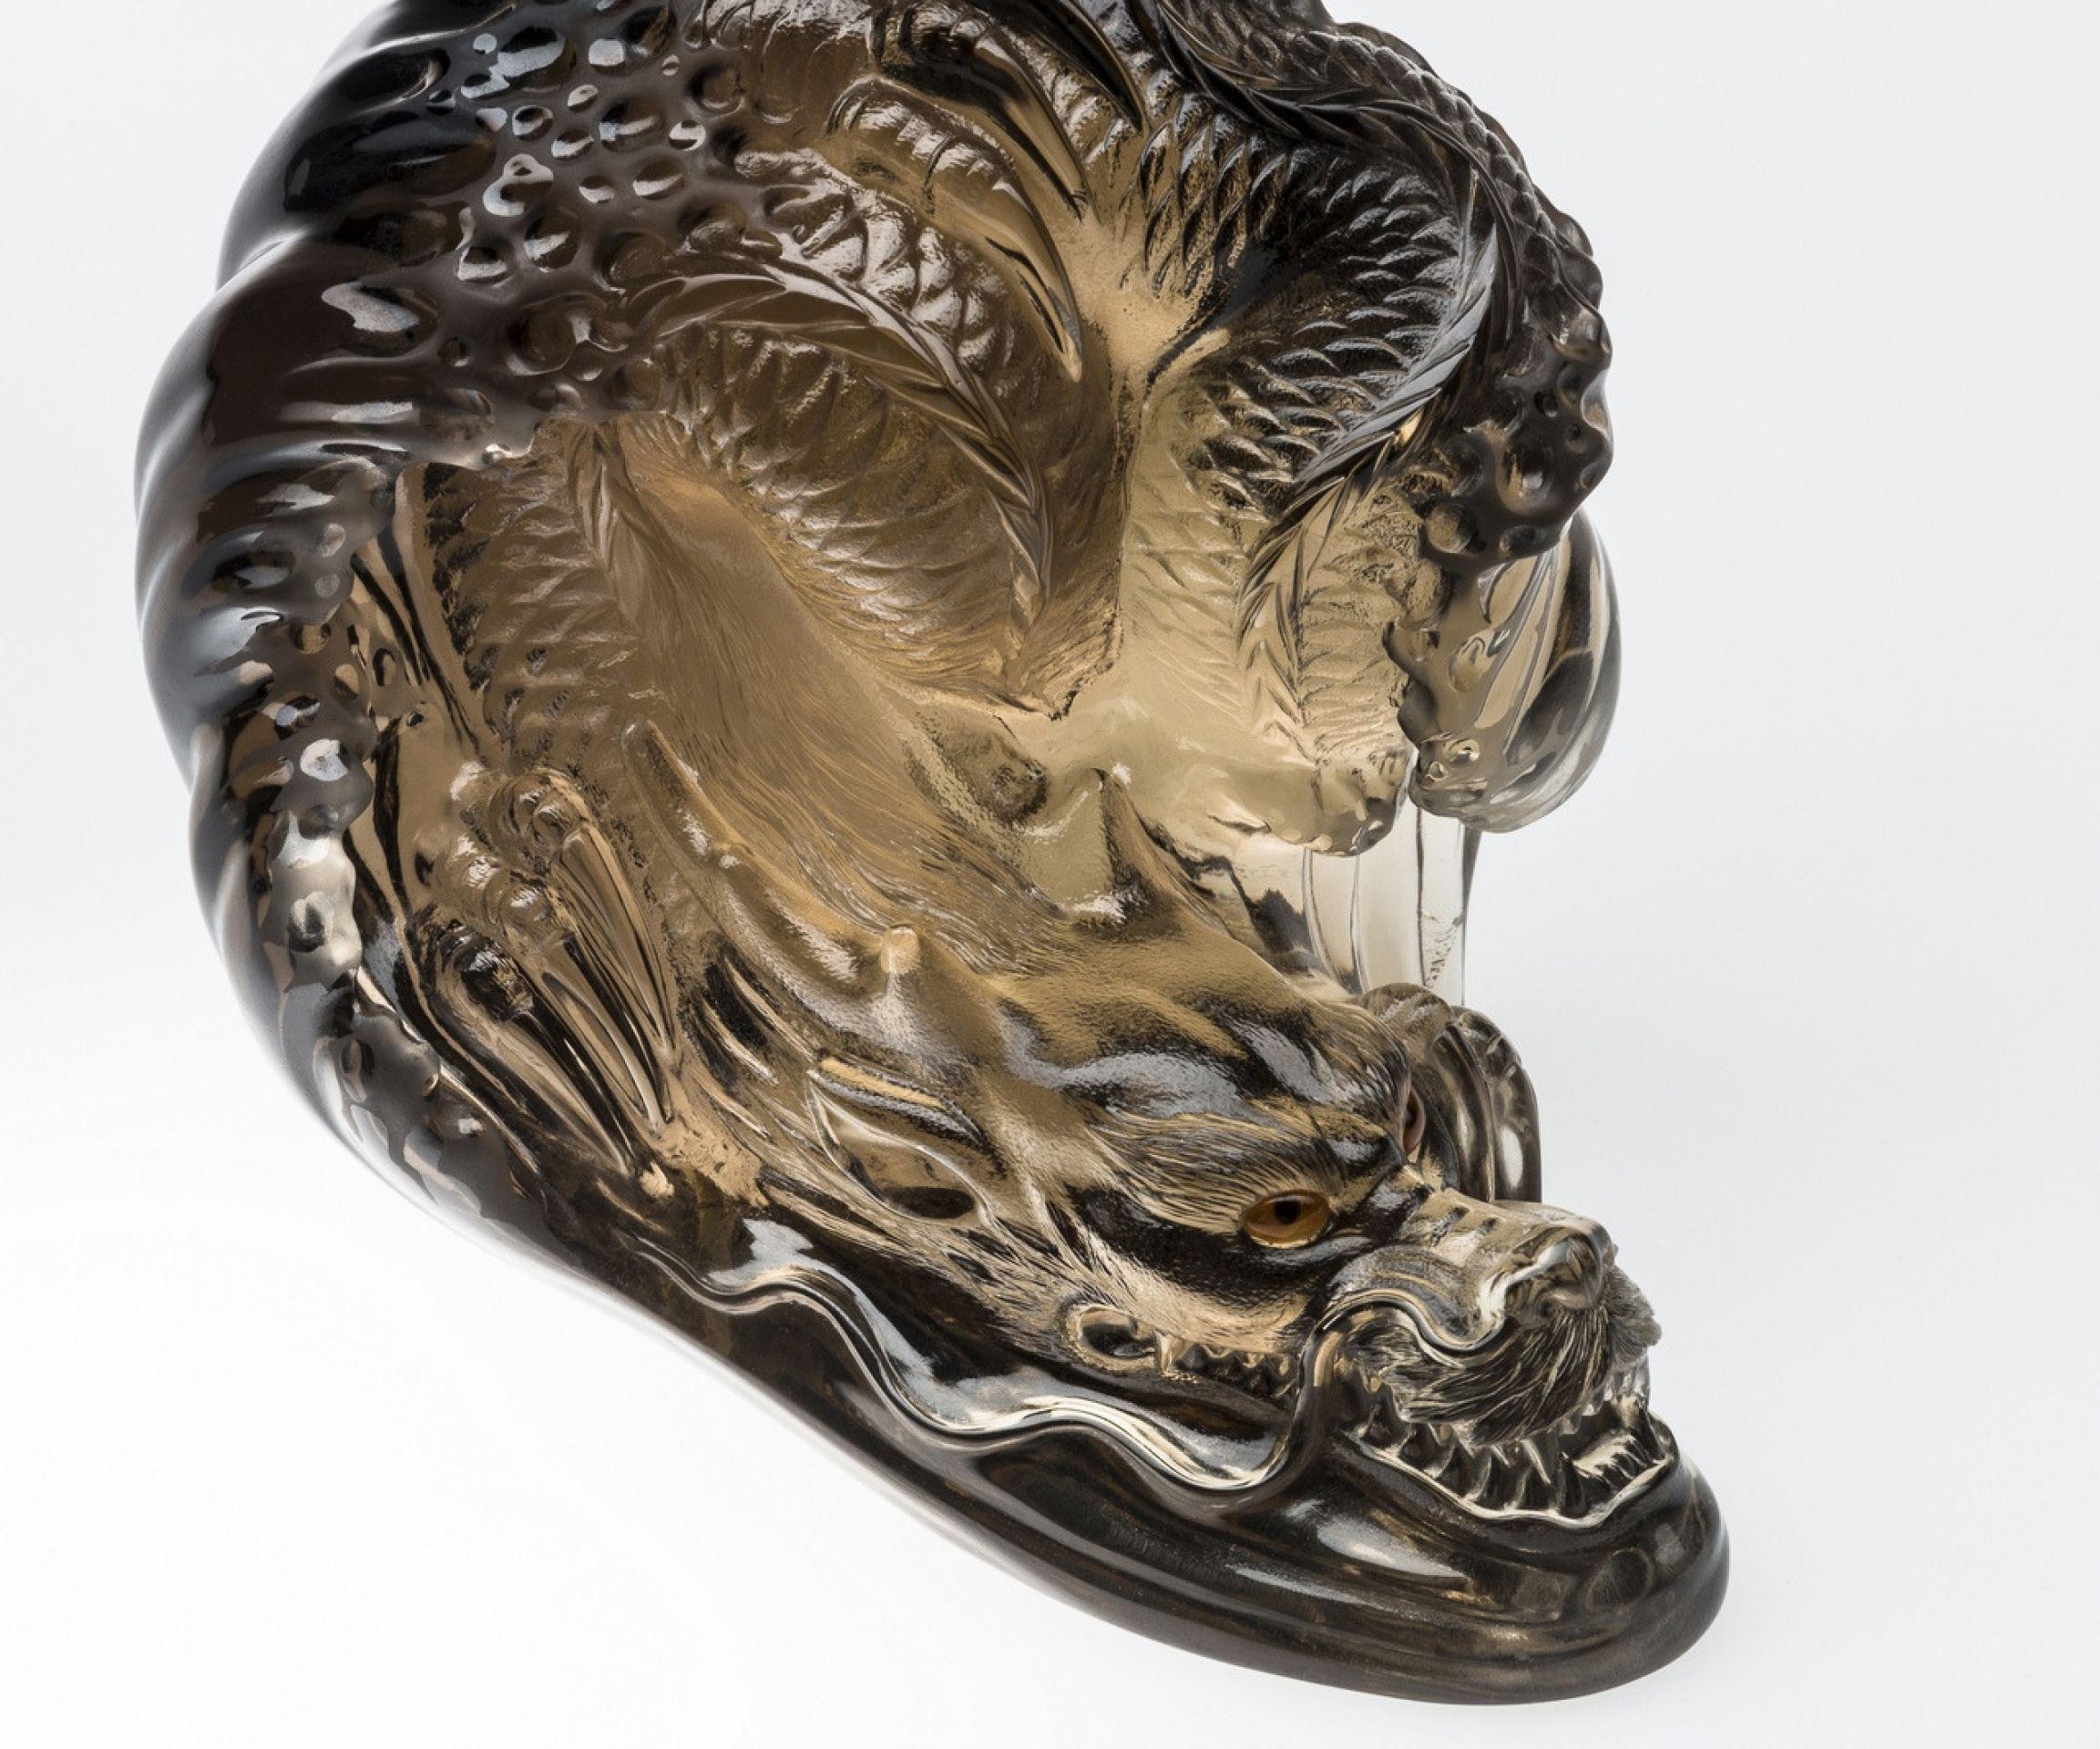 Legend Helsinki - Dragon gemstone sculpture made of smoky quartz. Master carved